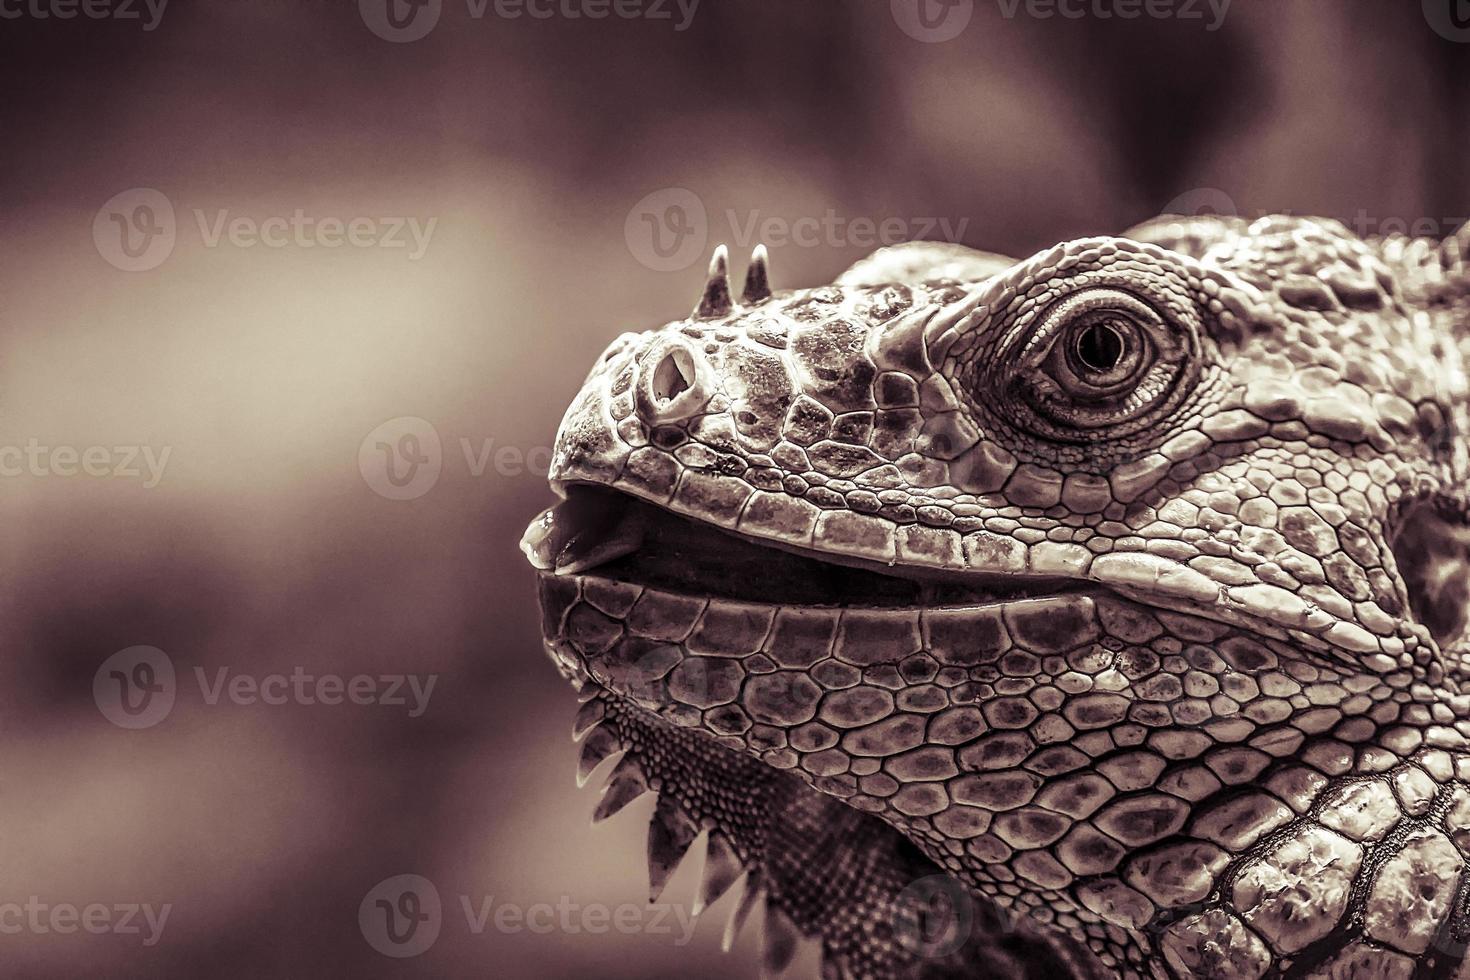 Primer retrato de Leguan, filtro de color vintage foto